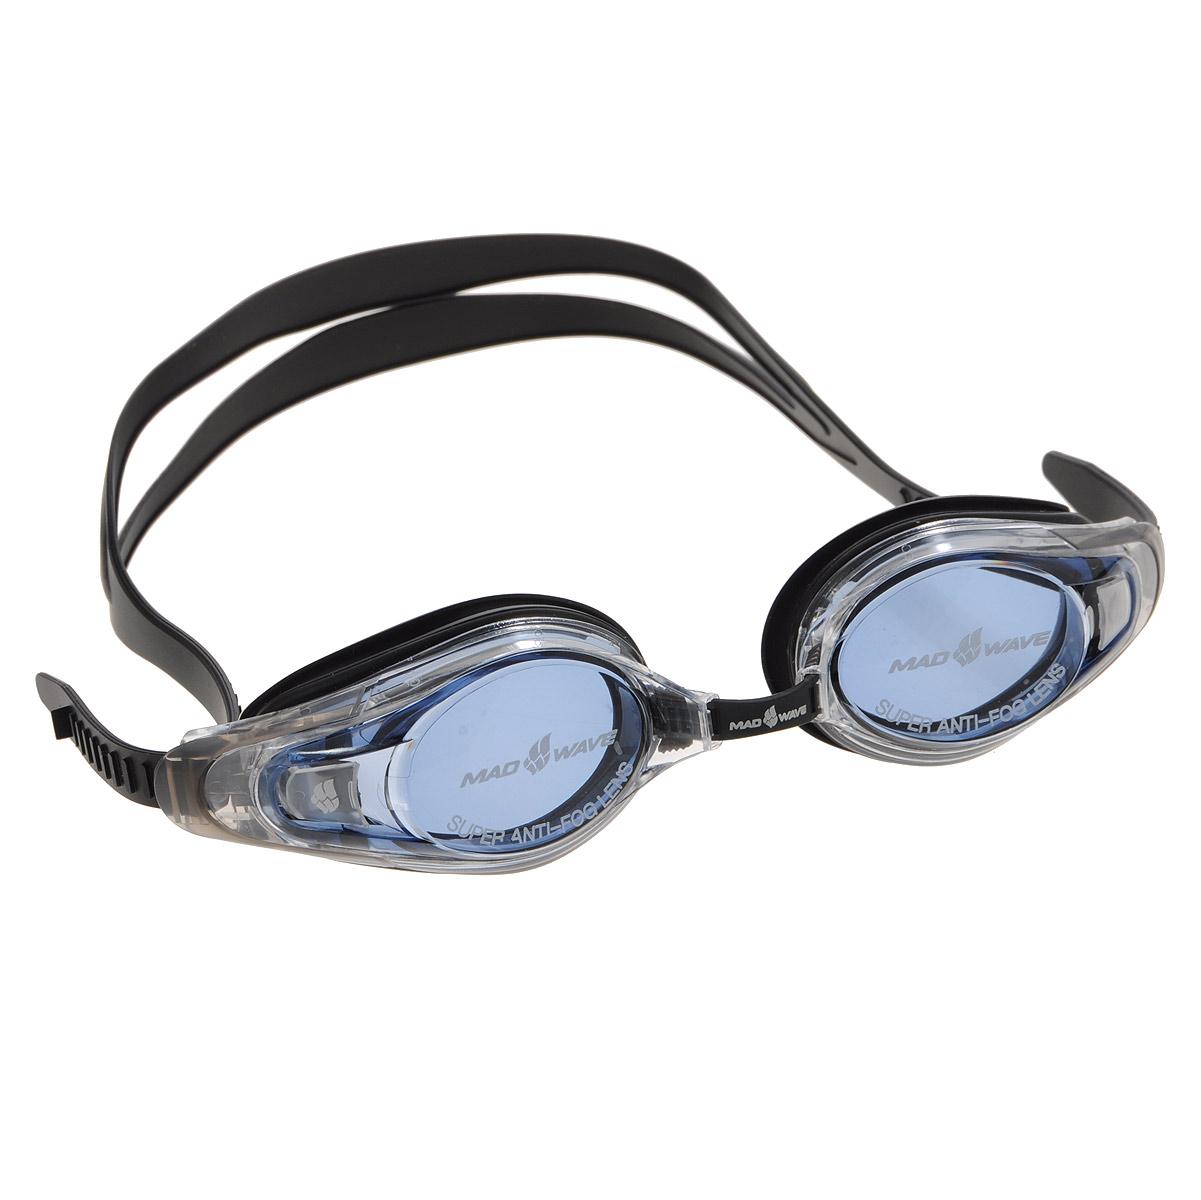 Очки для плавания с диоптриями MadWave Optic Envy Automatic, цвет: черный, -9M0430 16 F 05WОчки для плавания с диоптриями MadWave Optic Envy Automatic. Выполнены из поликарбоната и силикона.Особенности: Удобные очки с оптической силой -9.Система автоматической регулировки ремешков на корпусе очков.Защита от ультрафиолетовых лучей.Антизапотевающие стекла.Регулируемая восьмиступенчатая носовая перемычка.Сменная линза.Надежная безклеевая фиксация обтюратора.Плоский силиконовый ремешок.